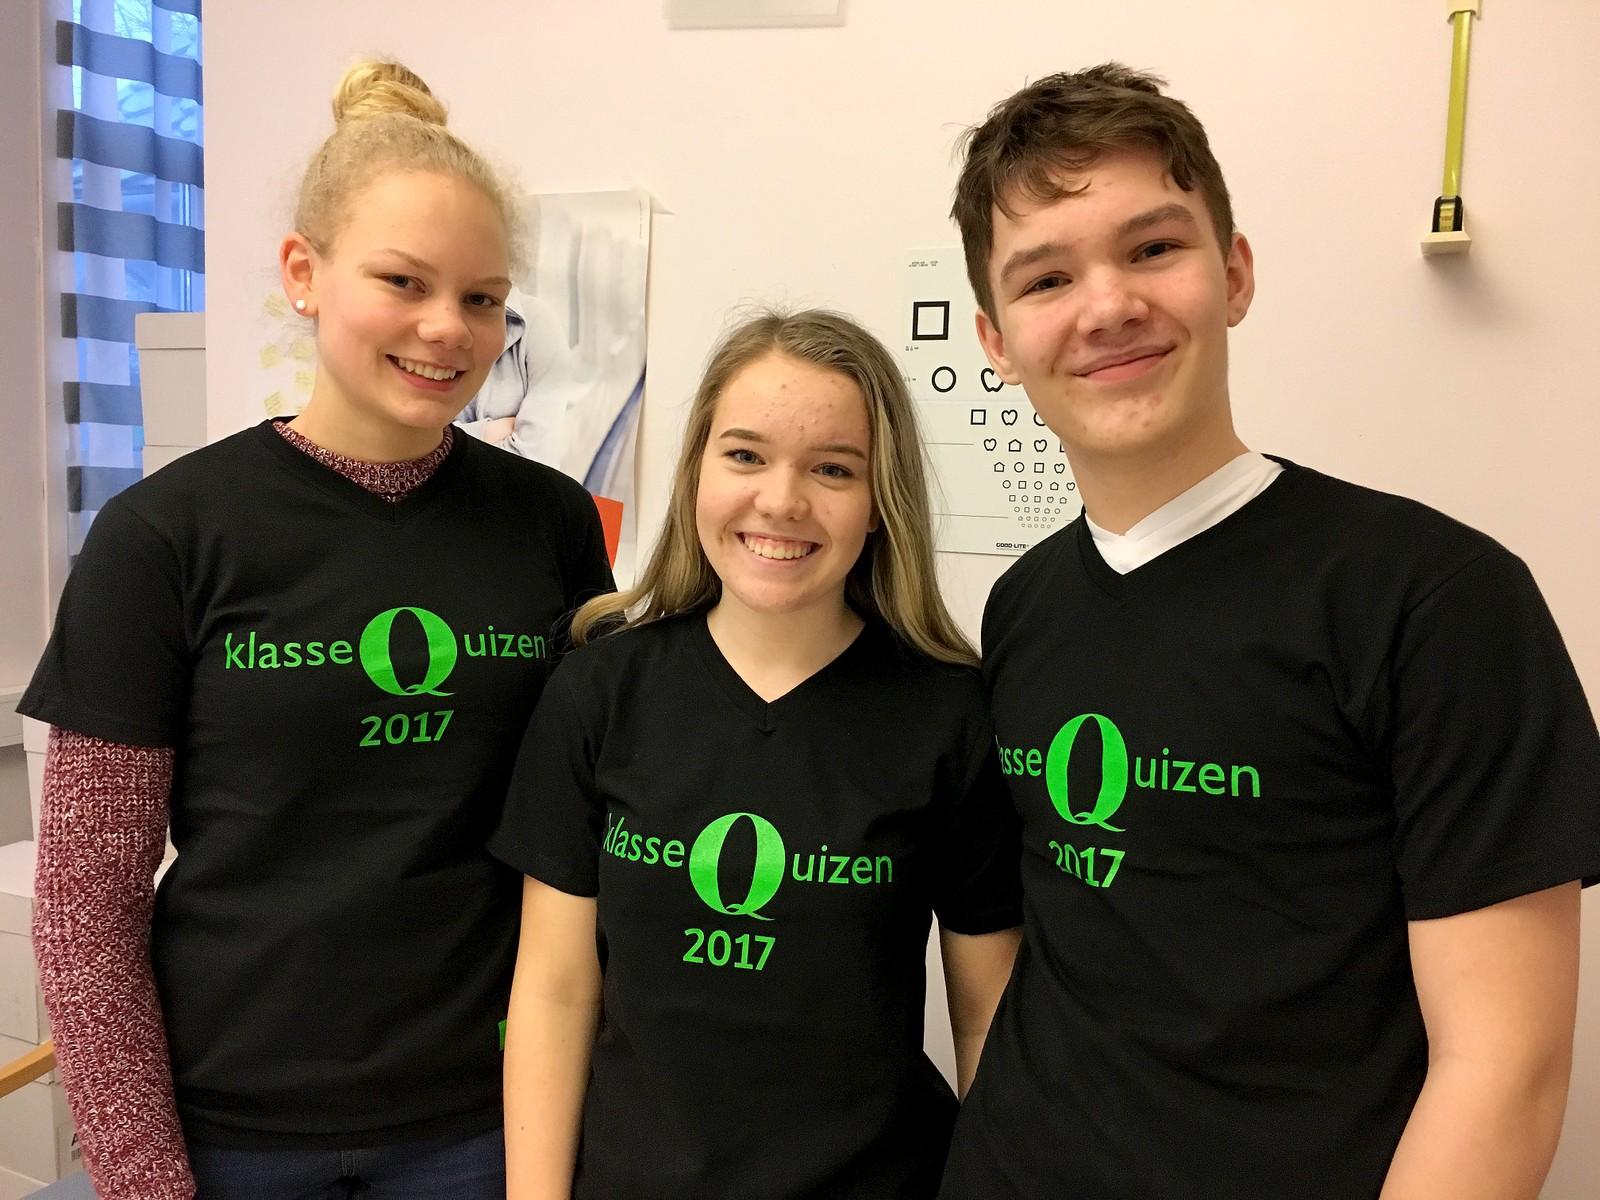 4 POENG: Meland ungdomsskule representert ved f.v: Stina Nes Sjursen, Marte Dale Monsen og Jonas Onarheim